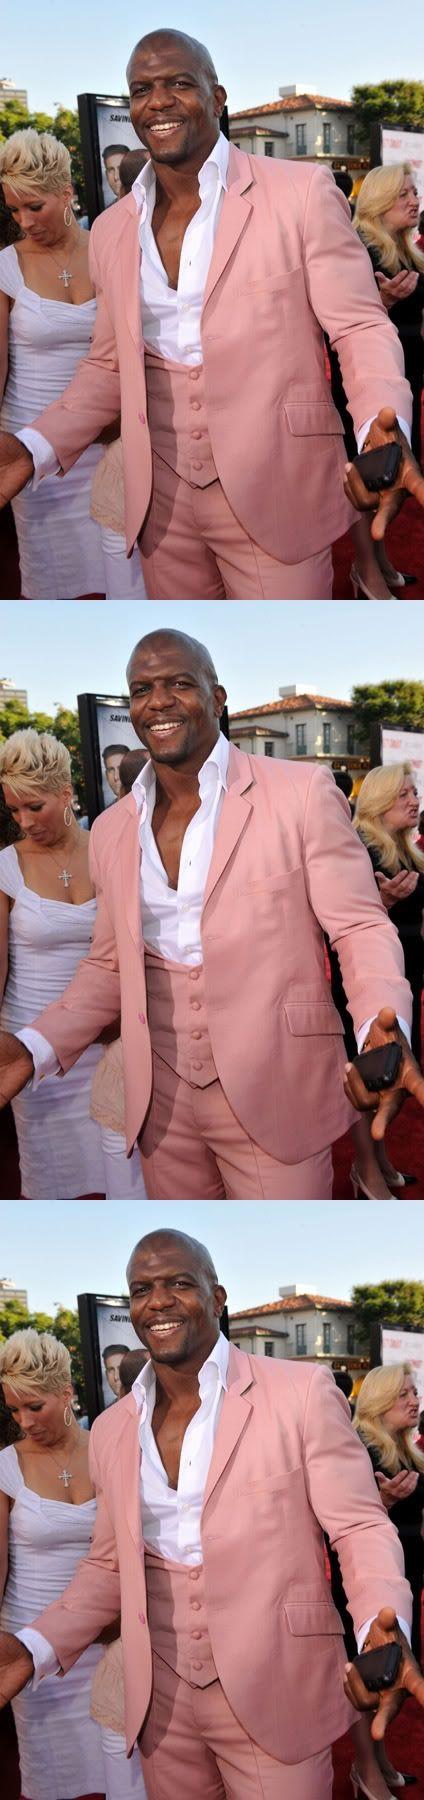 Bonito Wedding Suit Beach Bosquejo - Ideas para el Banquete de Boda ...